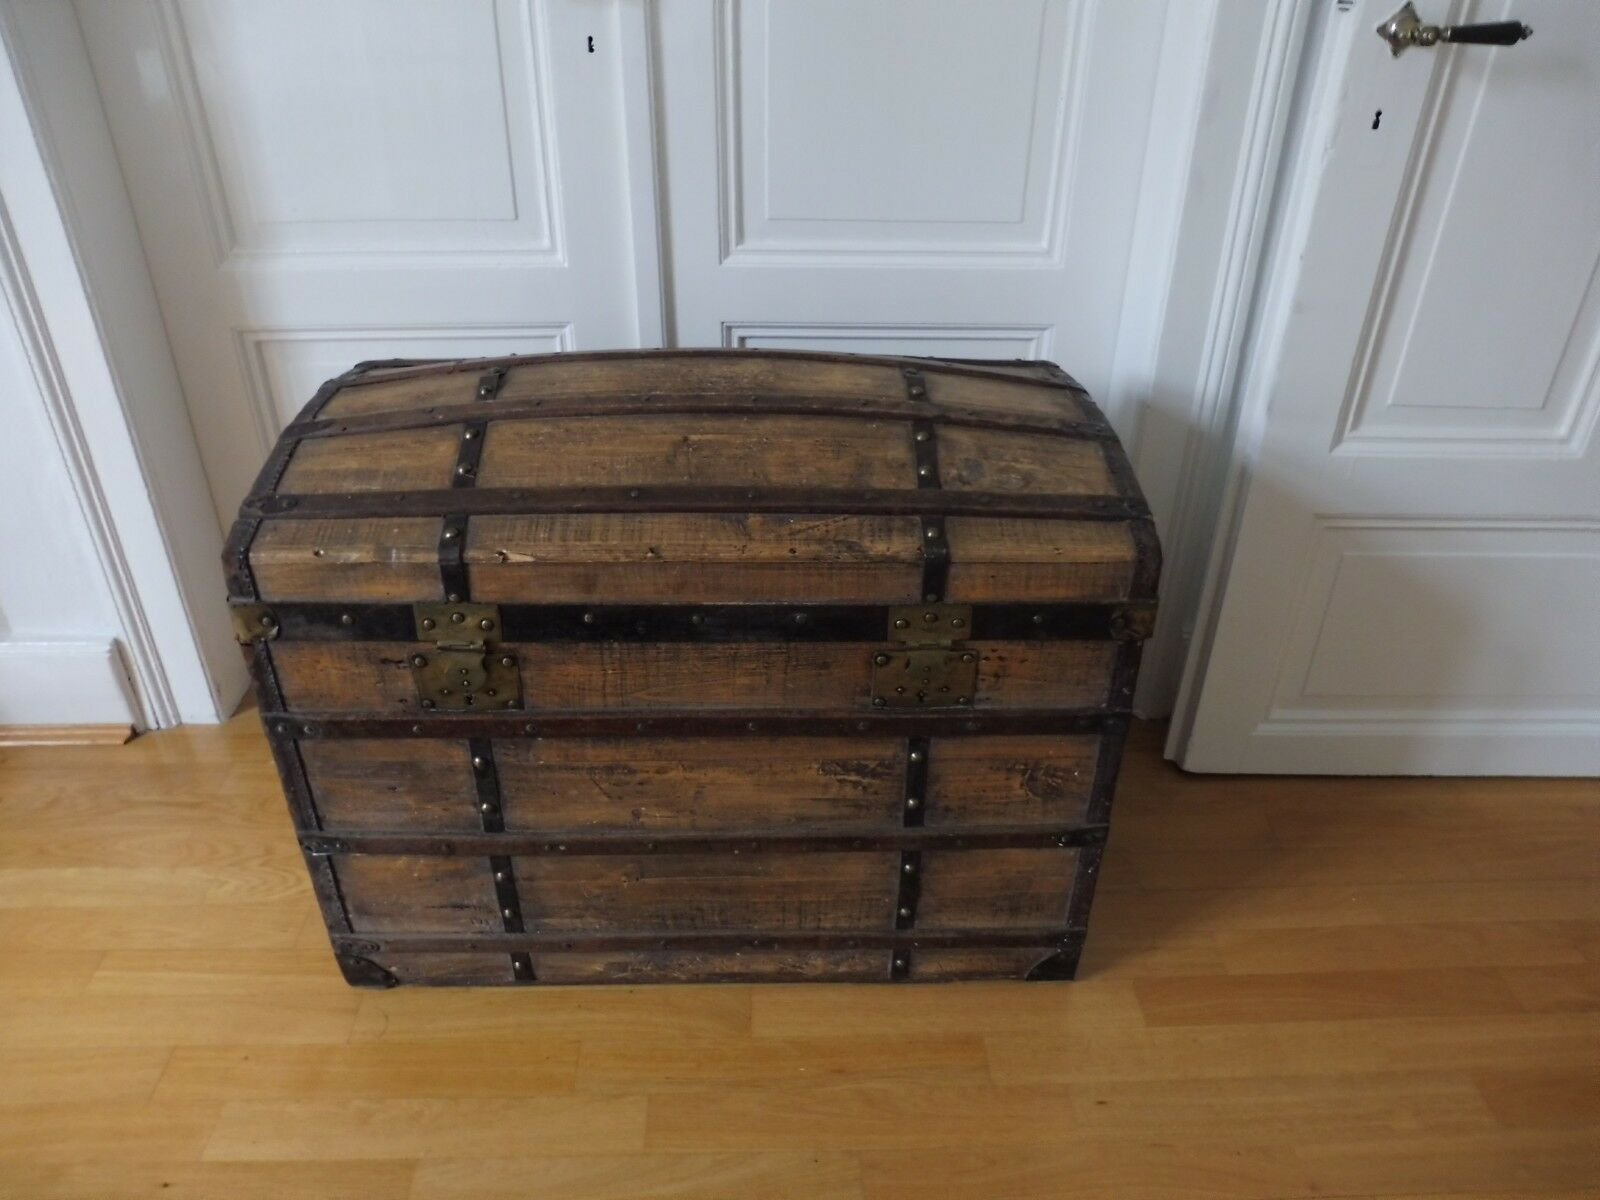 Alte Urige Holzkiste Schatzkiste Vintage 33x20 5x13cm Echtholz